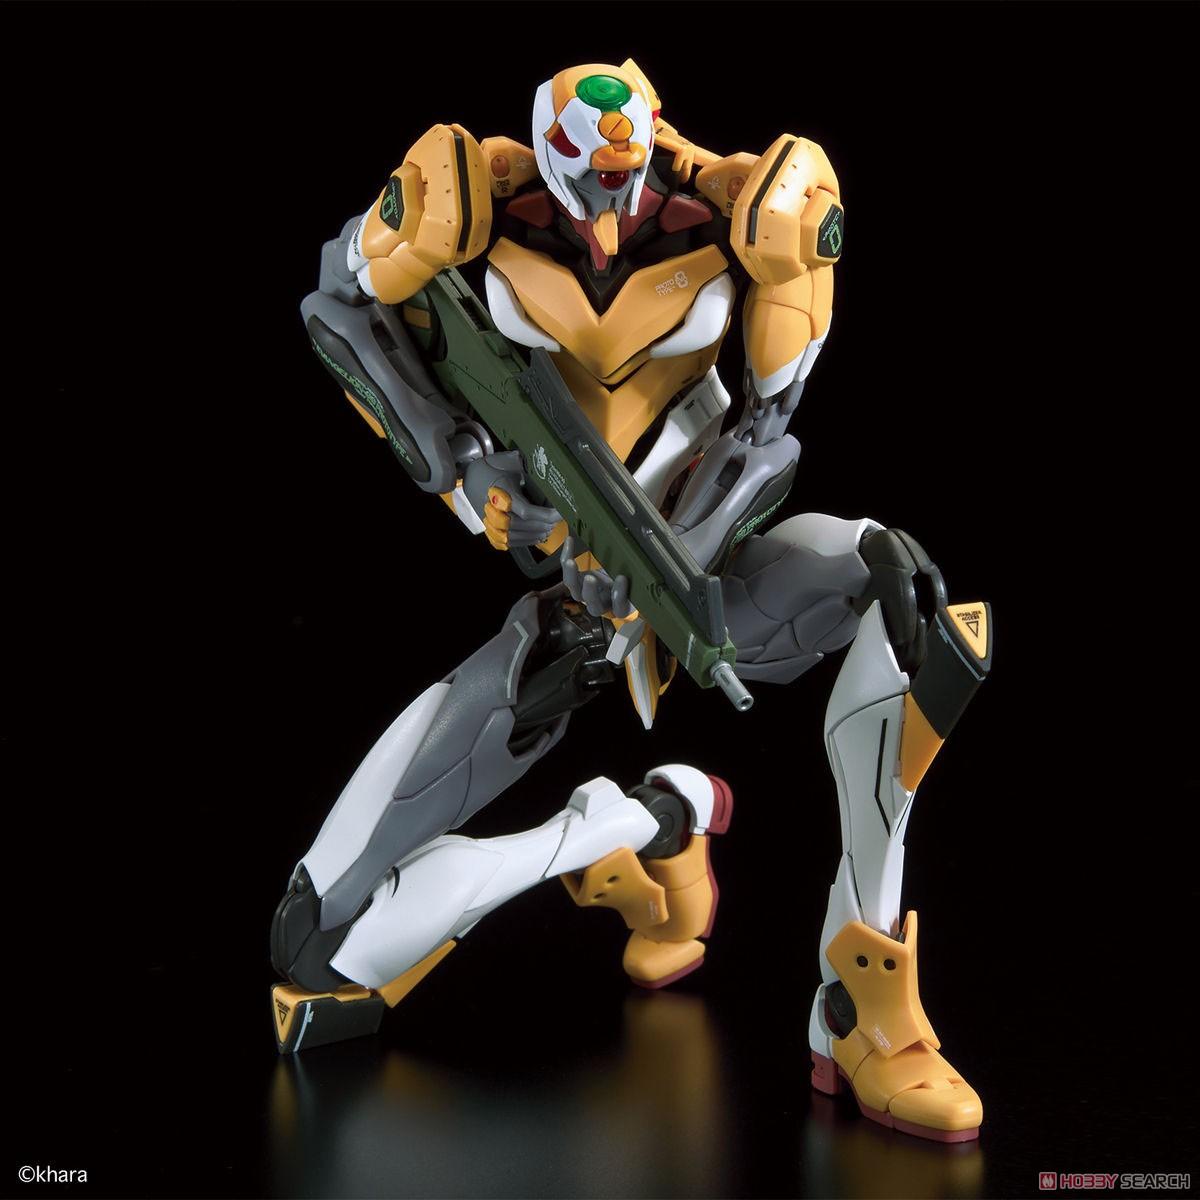 【再販】RG『汎用ヒト型決戦兵器 人造人間エヴァンゲリオン試作零号機DX 陽電子砲セット』プラモデル-005